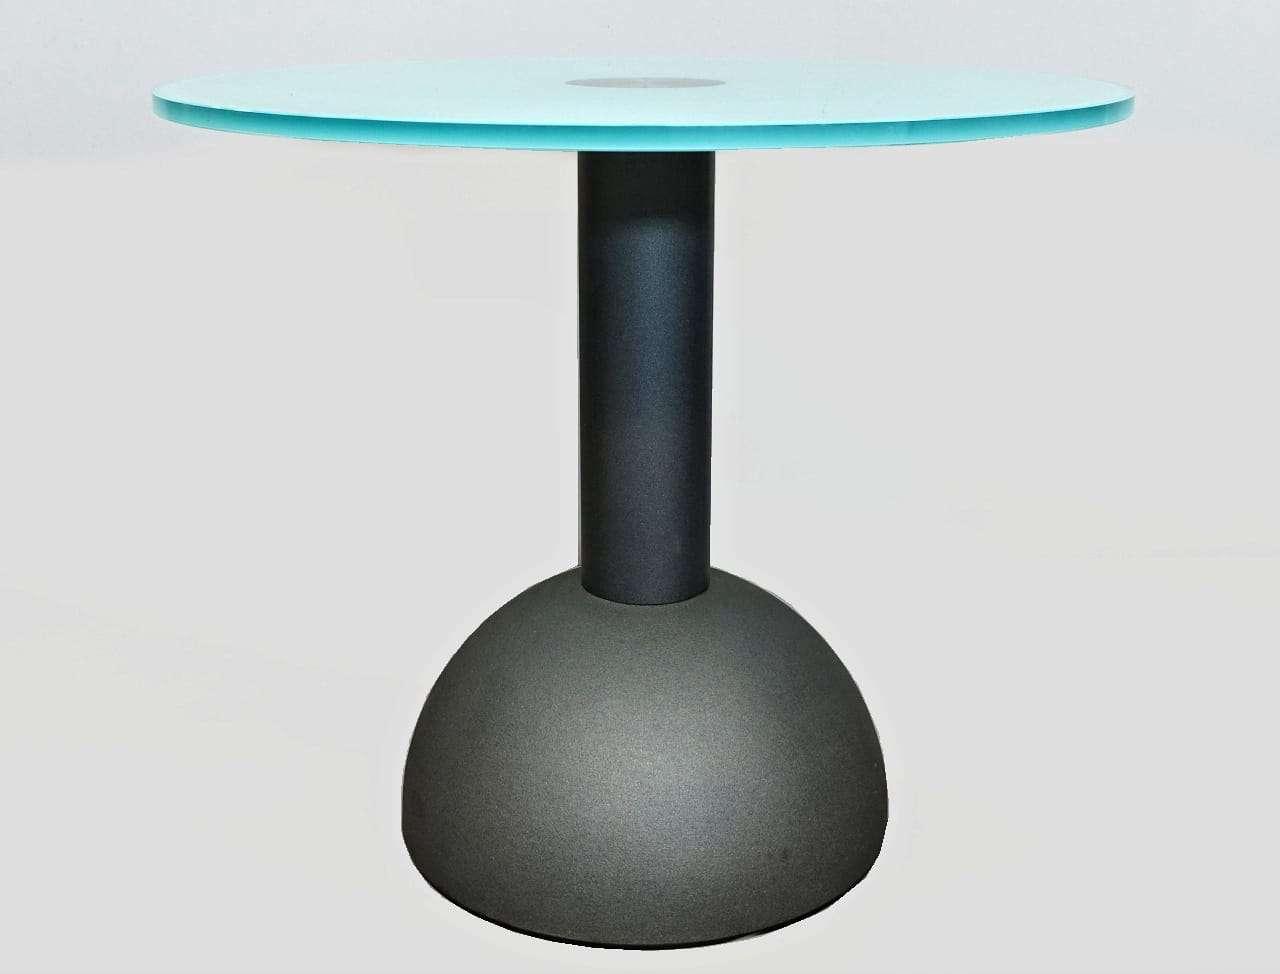 Tavolino Design by Lella & Massimo Vignelli per Poltrona Frau 0518006